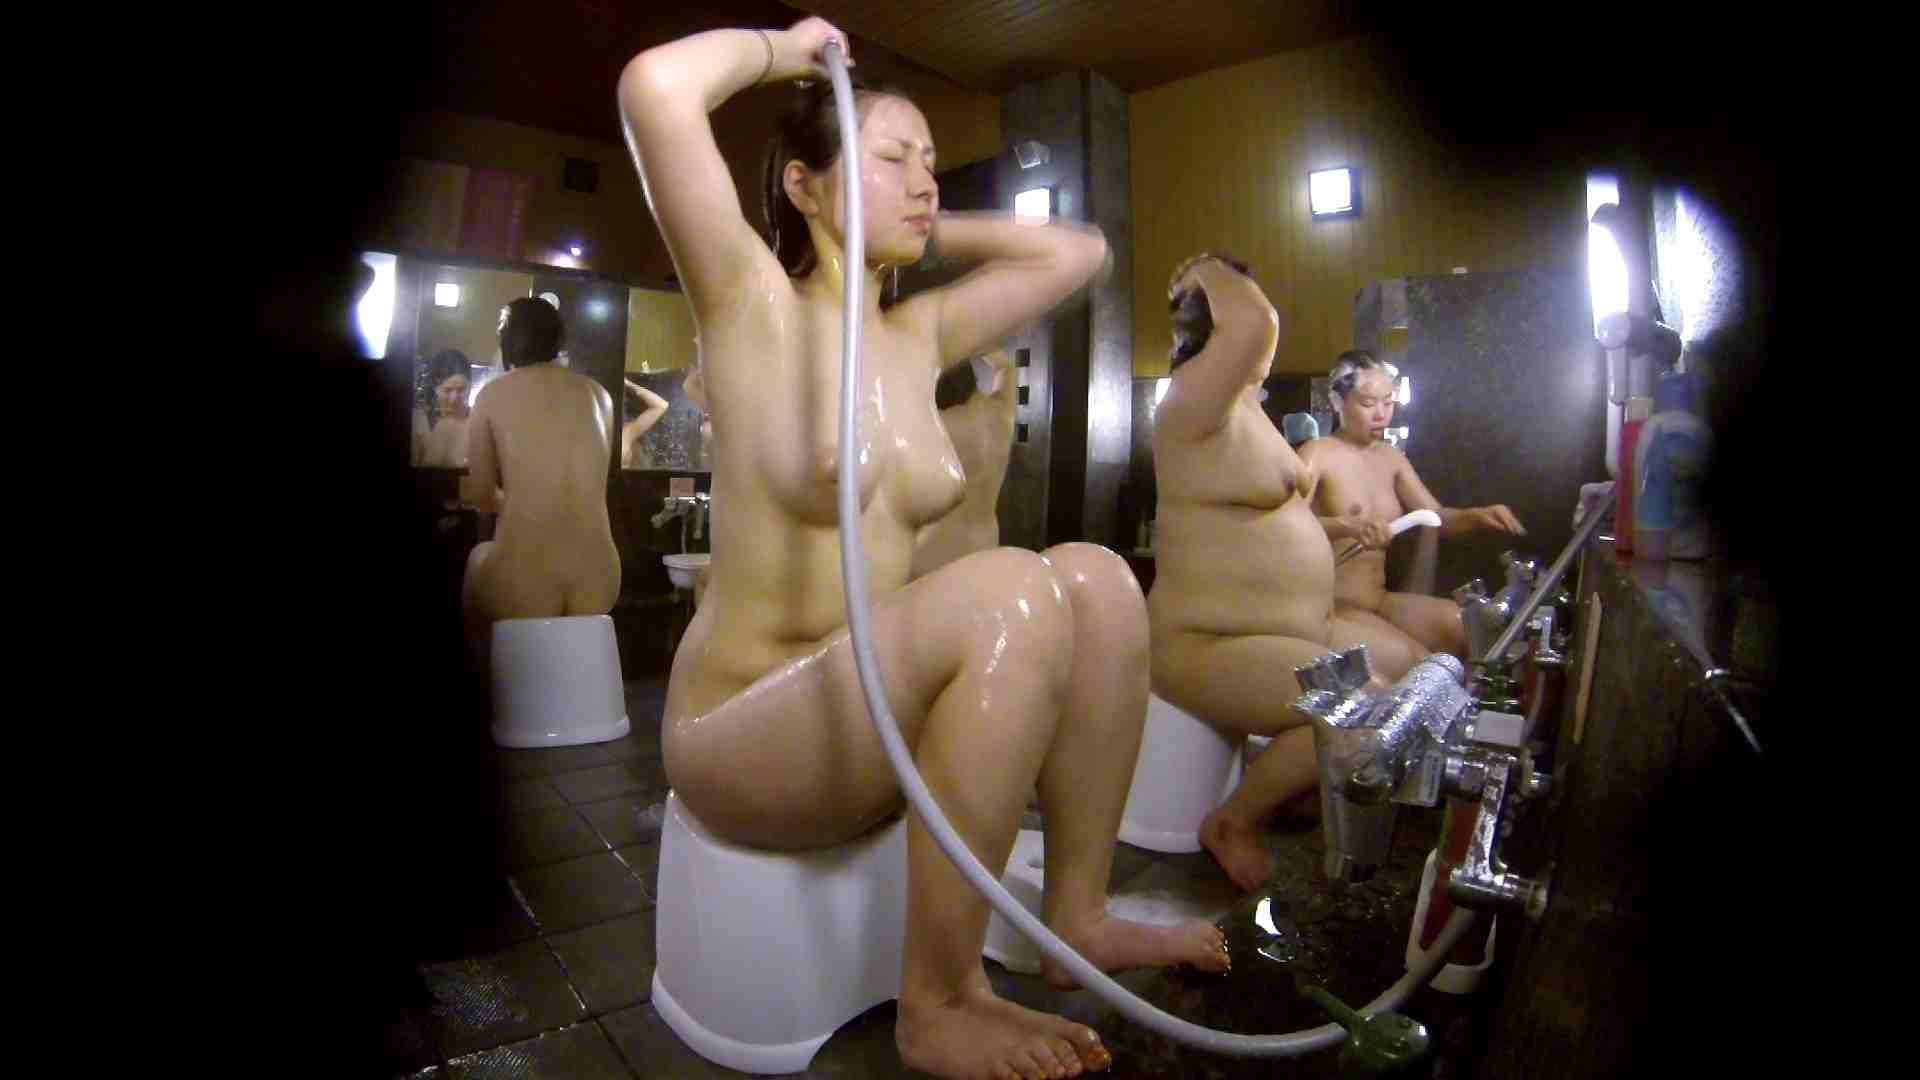 洗い場!色白でなかなかの美巨乳。柔らかく揺れまくりです 銭湯 盗み撮りオマンコ動画キャプチャ 92pic 92